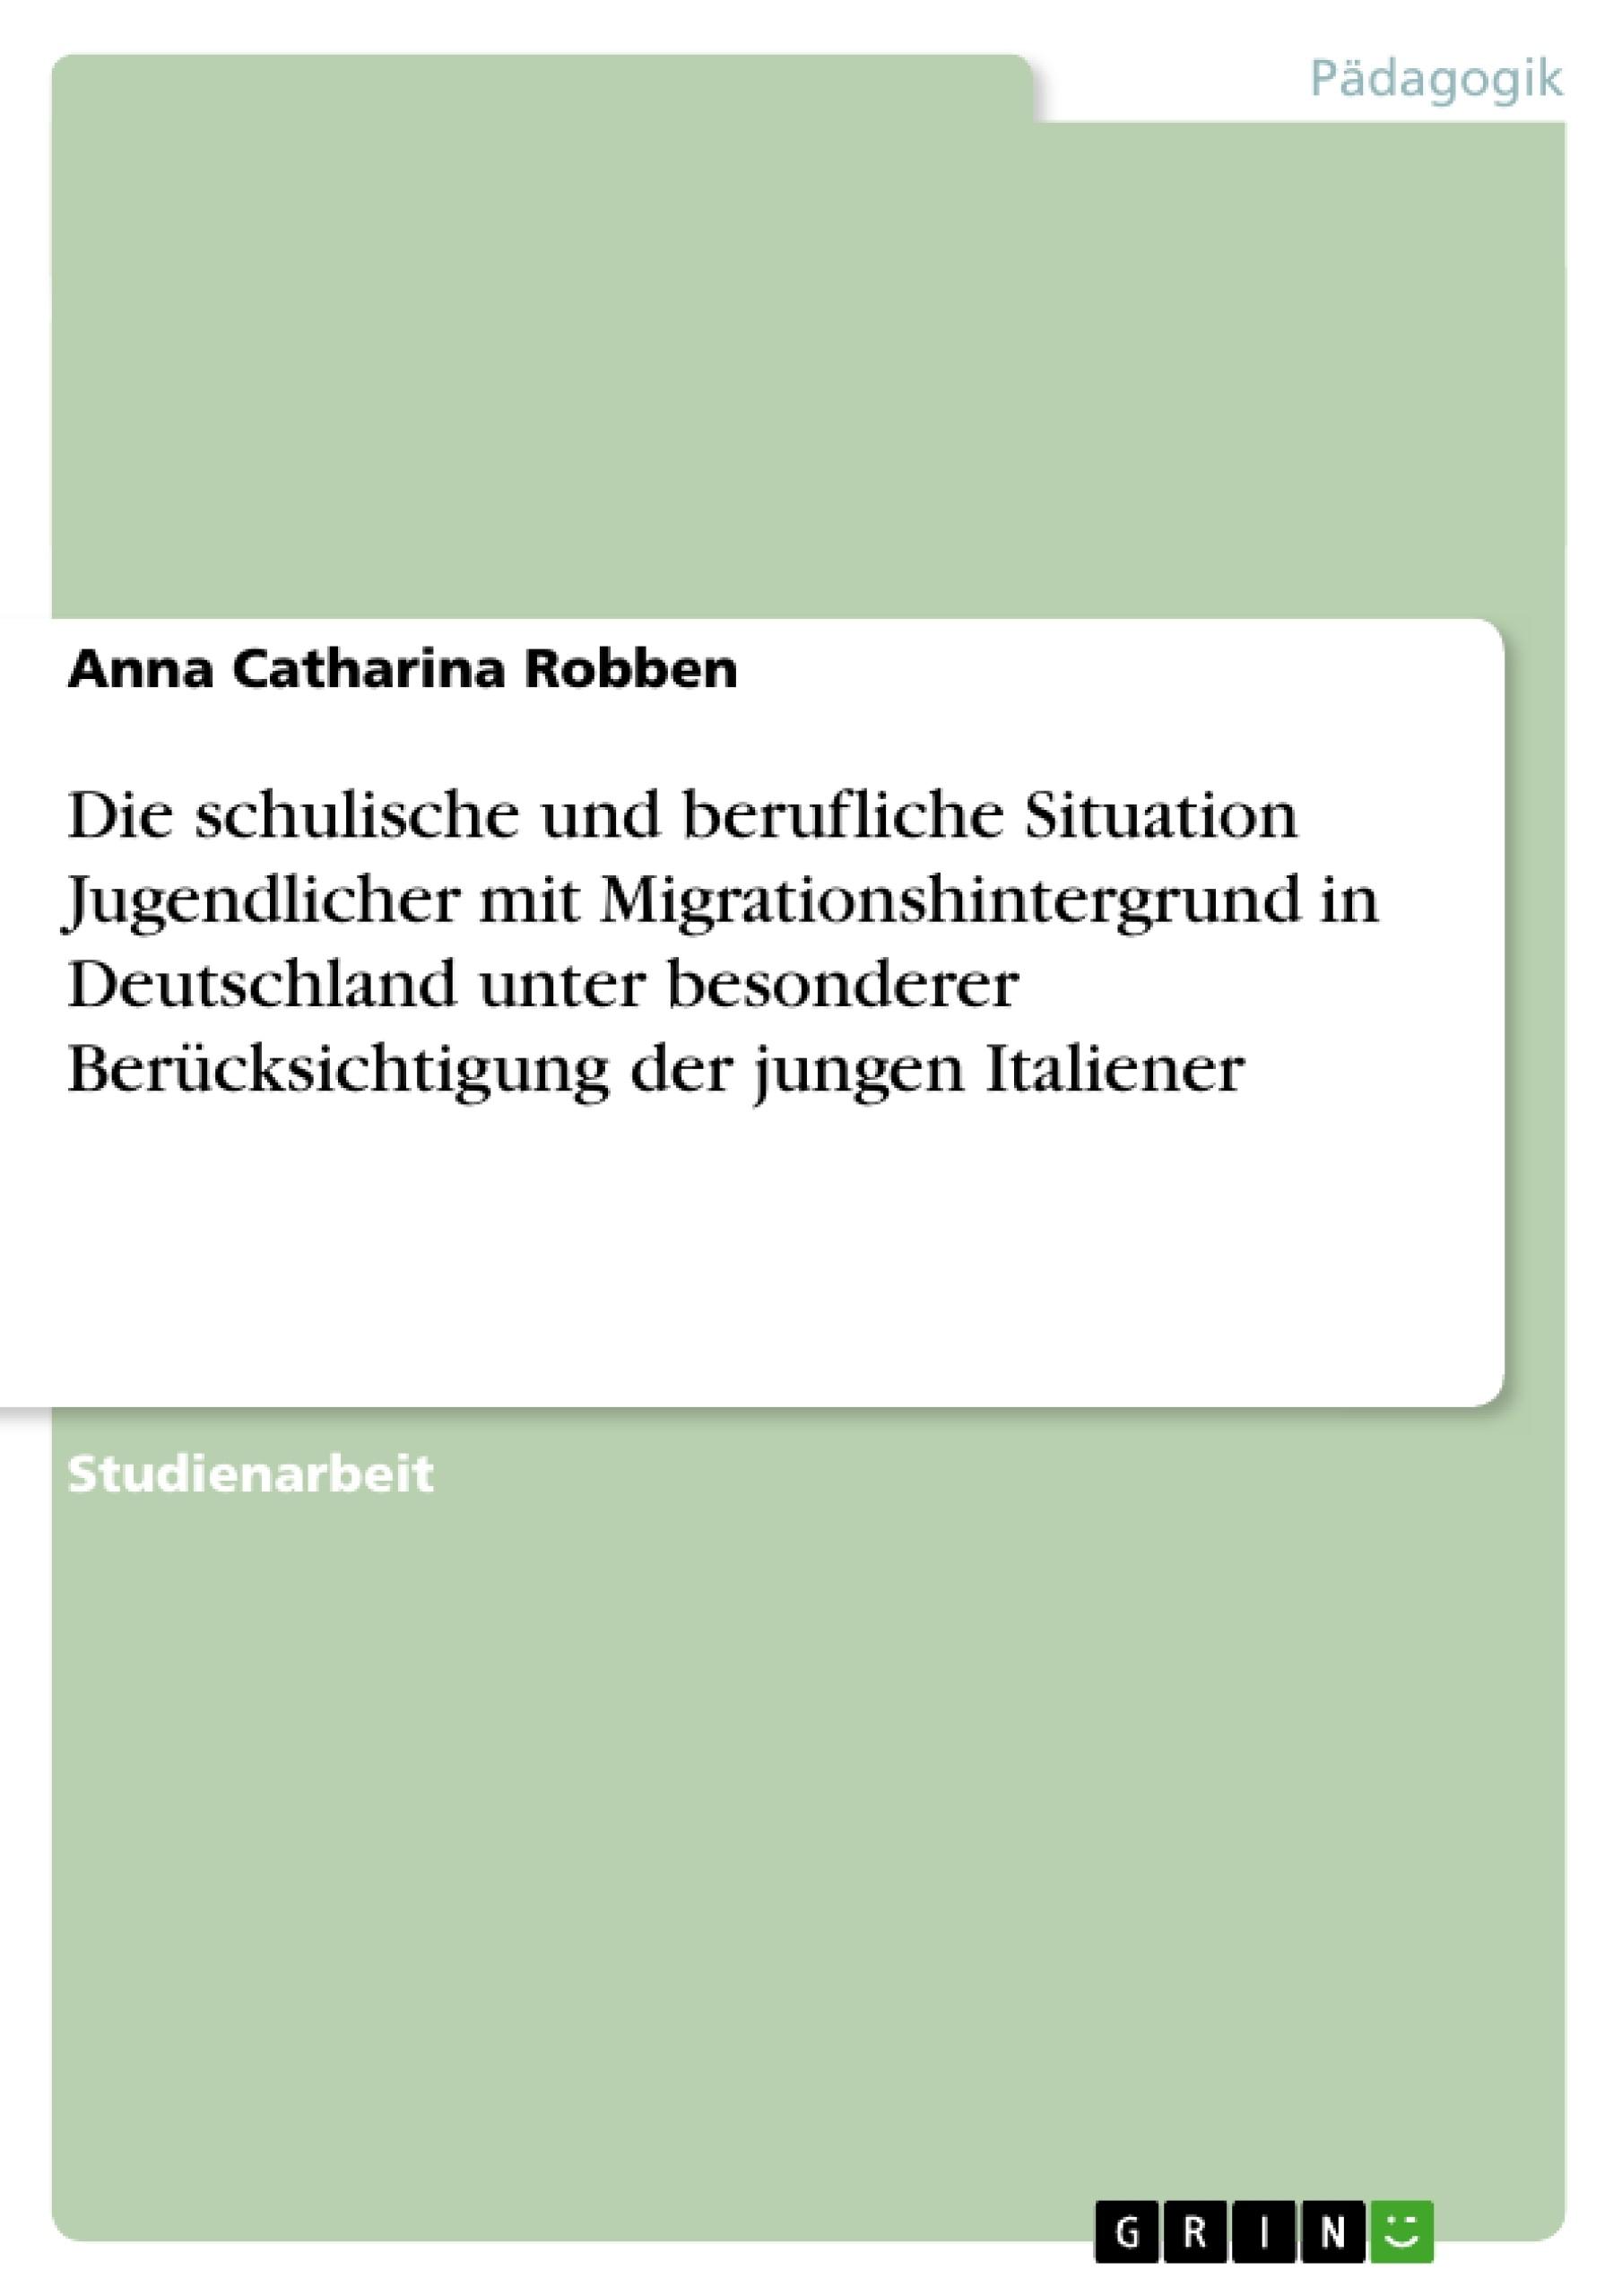 Titel: Die schulische und berufliche Situation Jugendlicher mit Migrationshintergrund in Deutschland unter besonderer Berücksichtigung der jungen Italiener